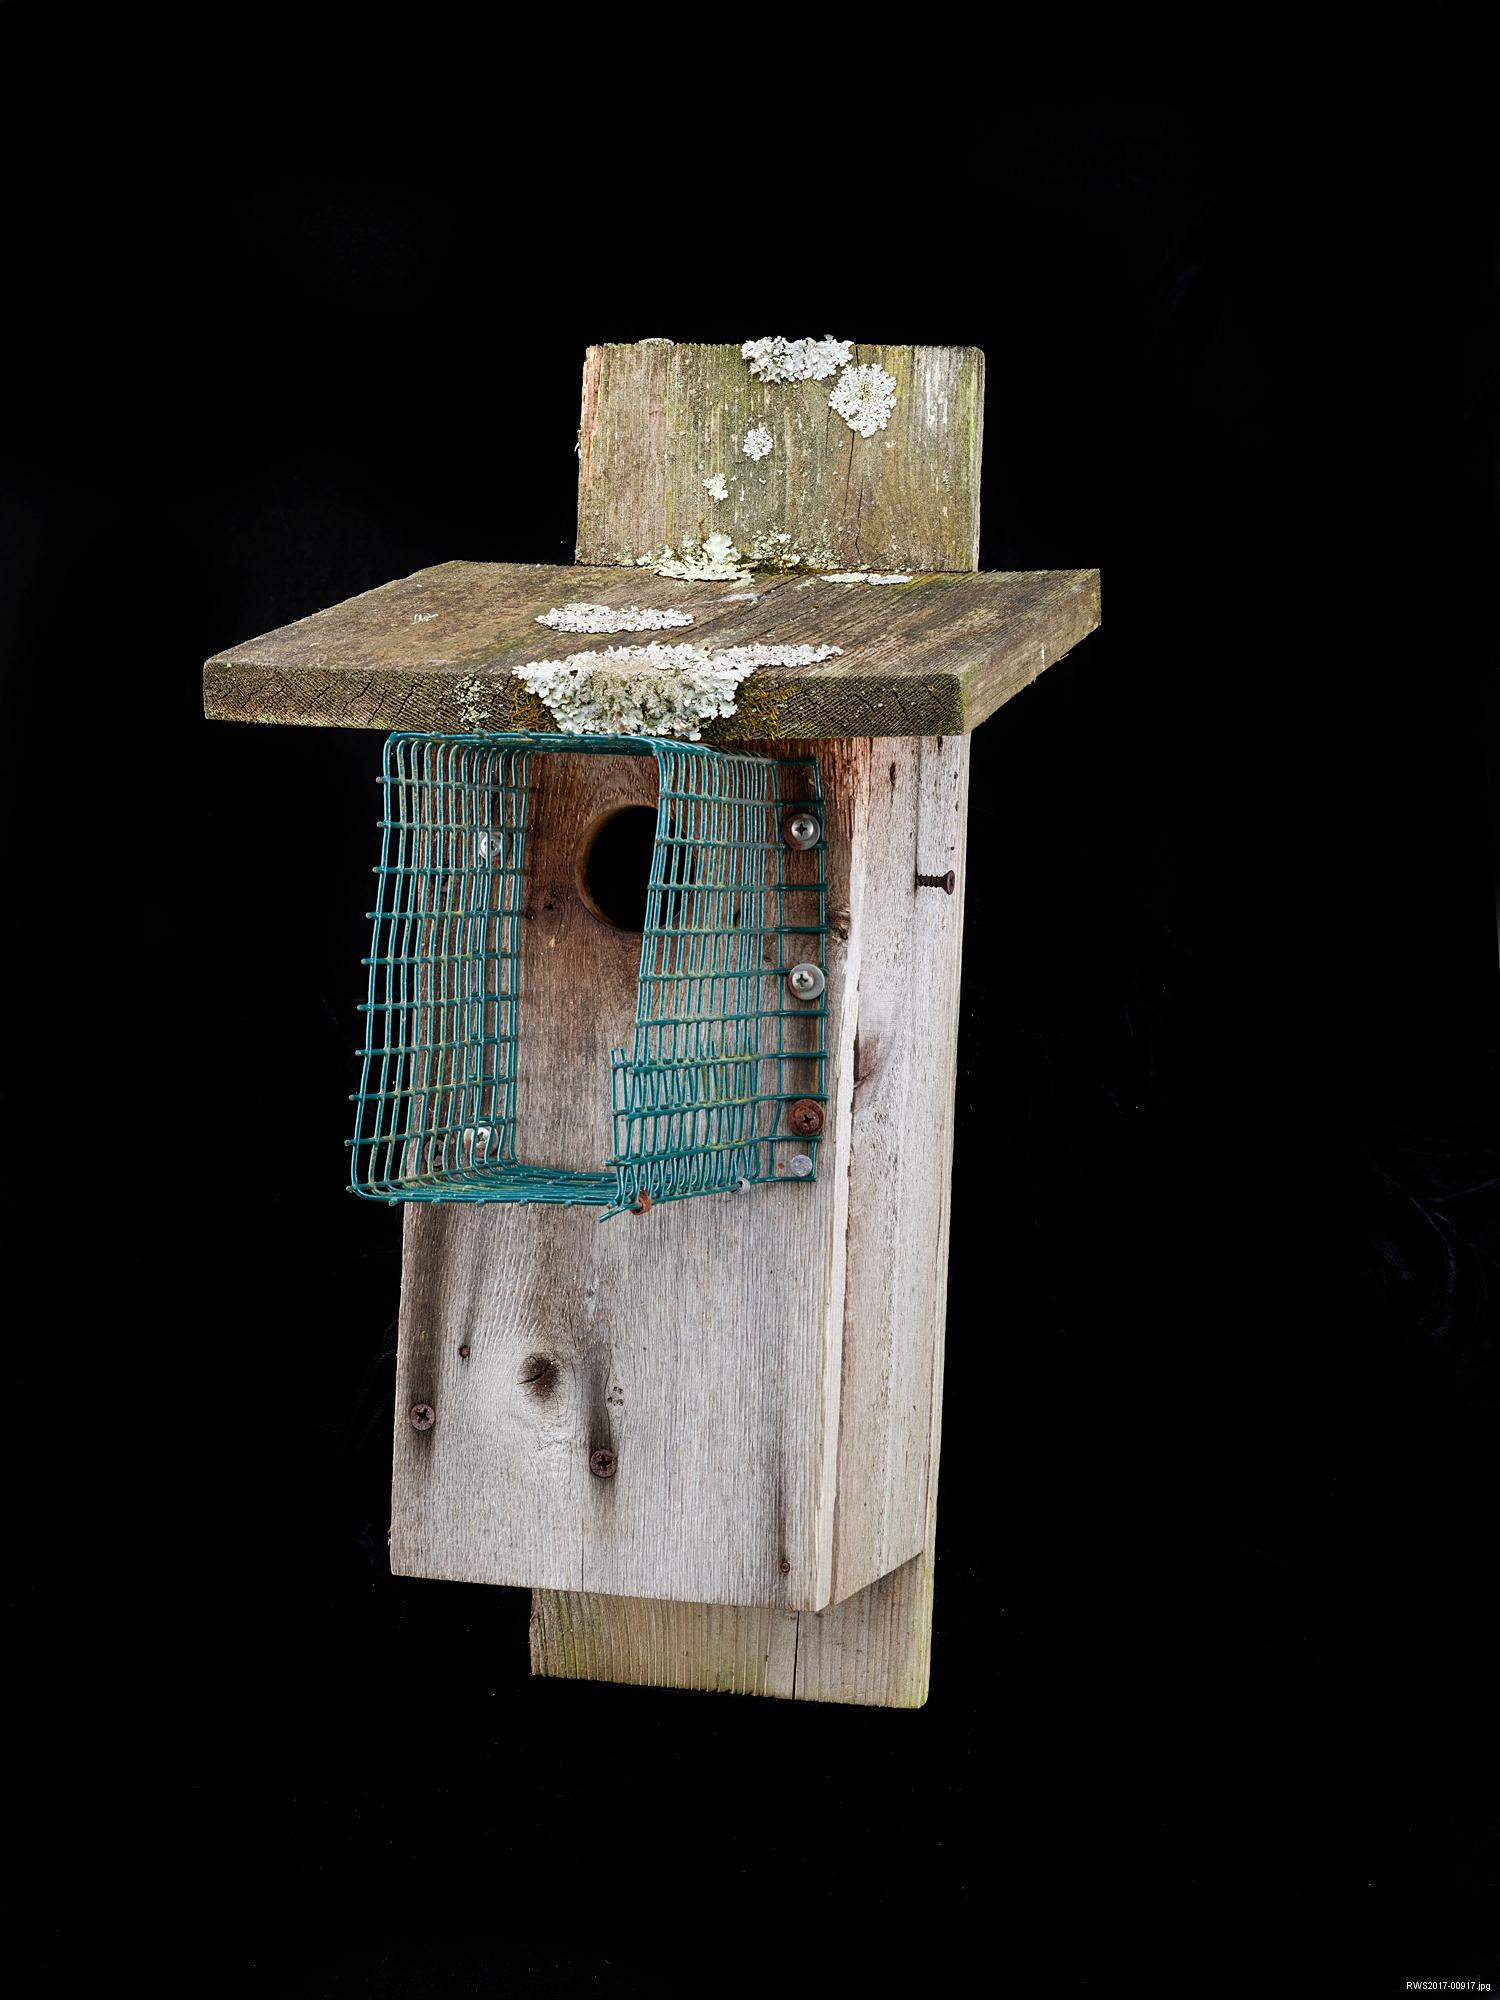 Virginia Bluebird Society Nest Box, early 2000s